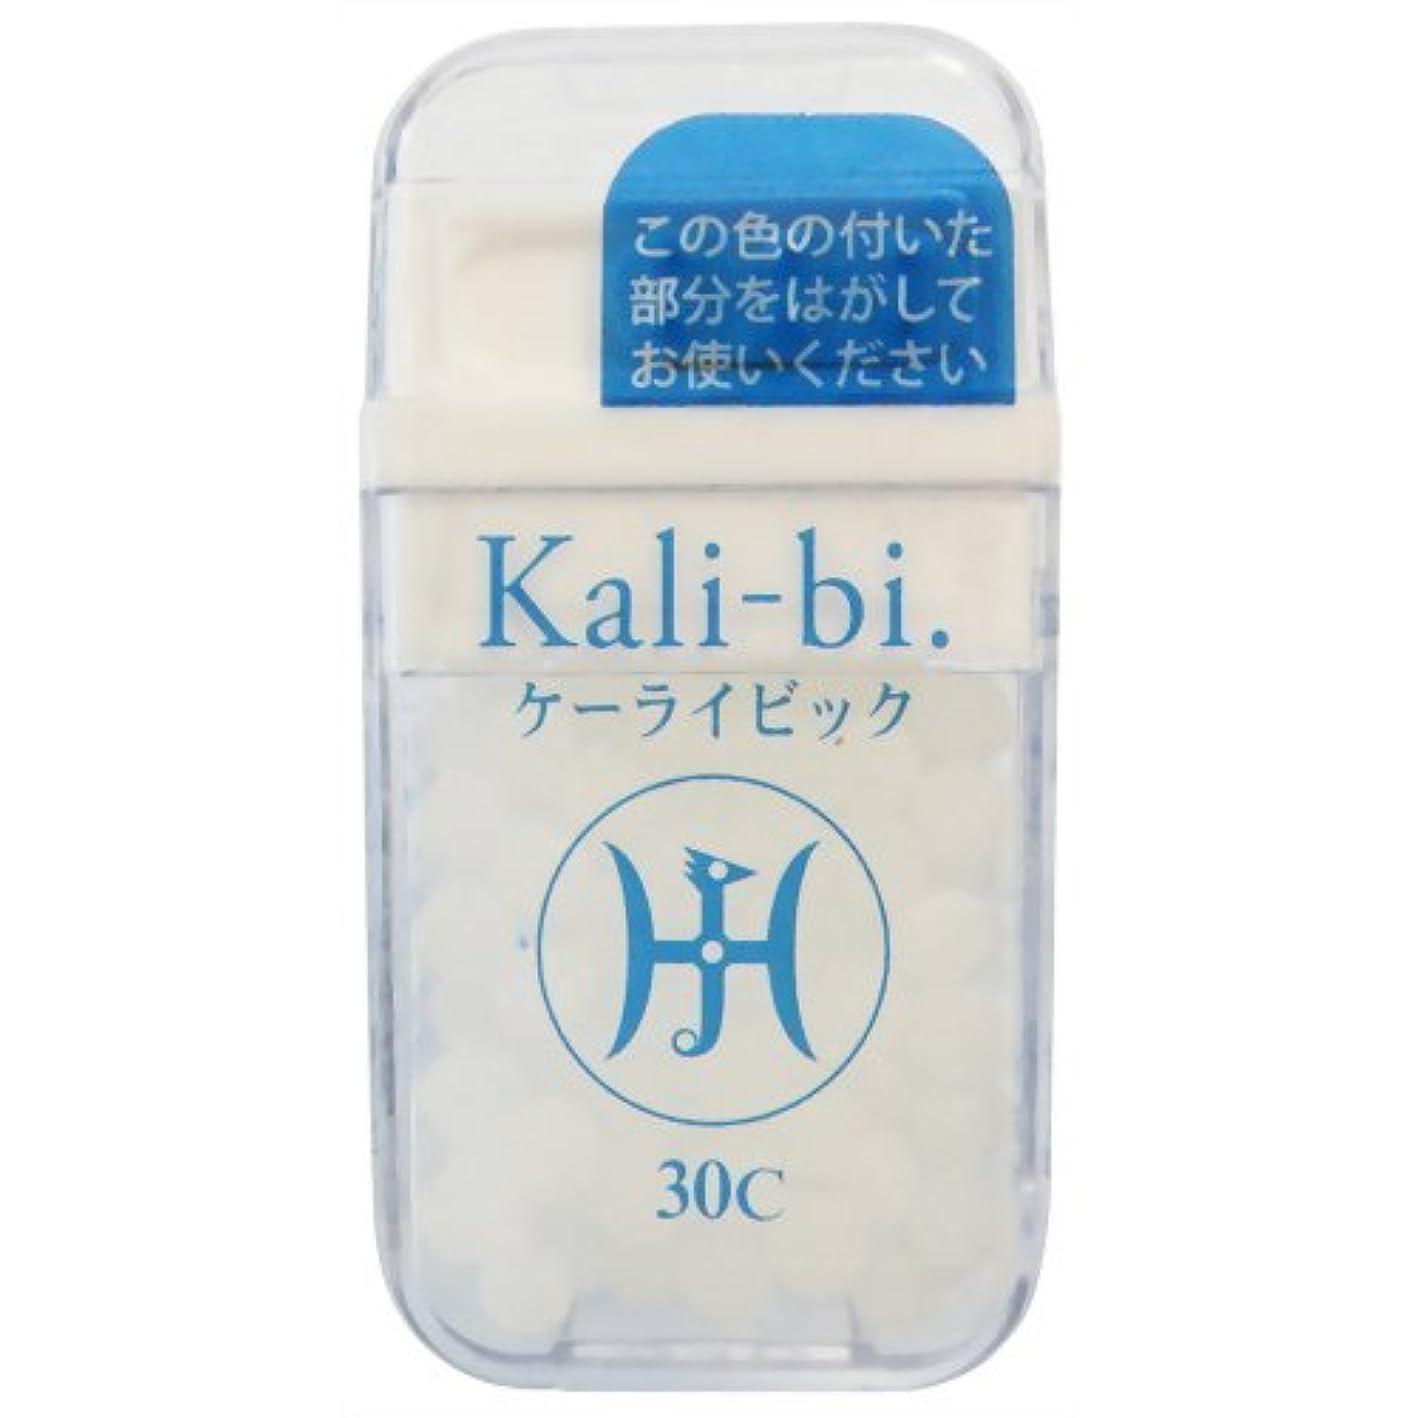 オレンジ課すドレスホメオパシージャパンレメディー Kali-bi.  ケーライビック 30C (大ビン)